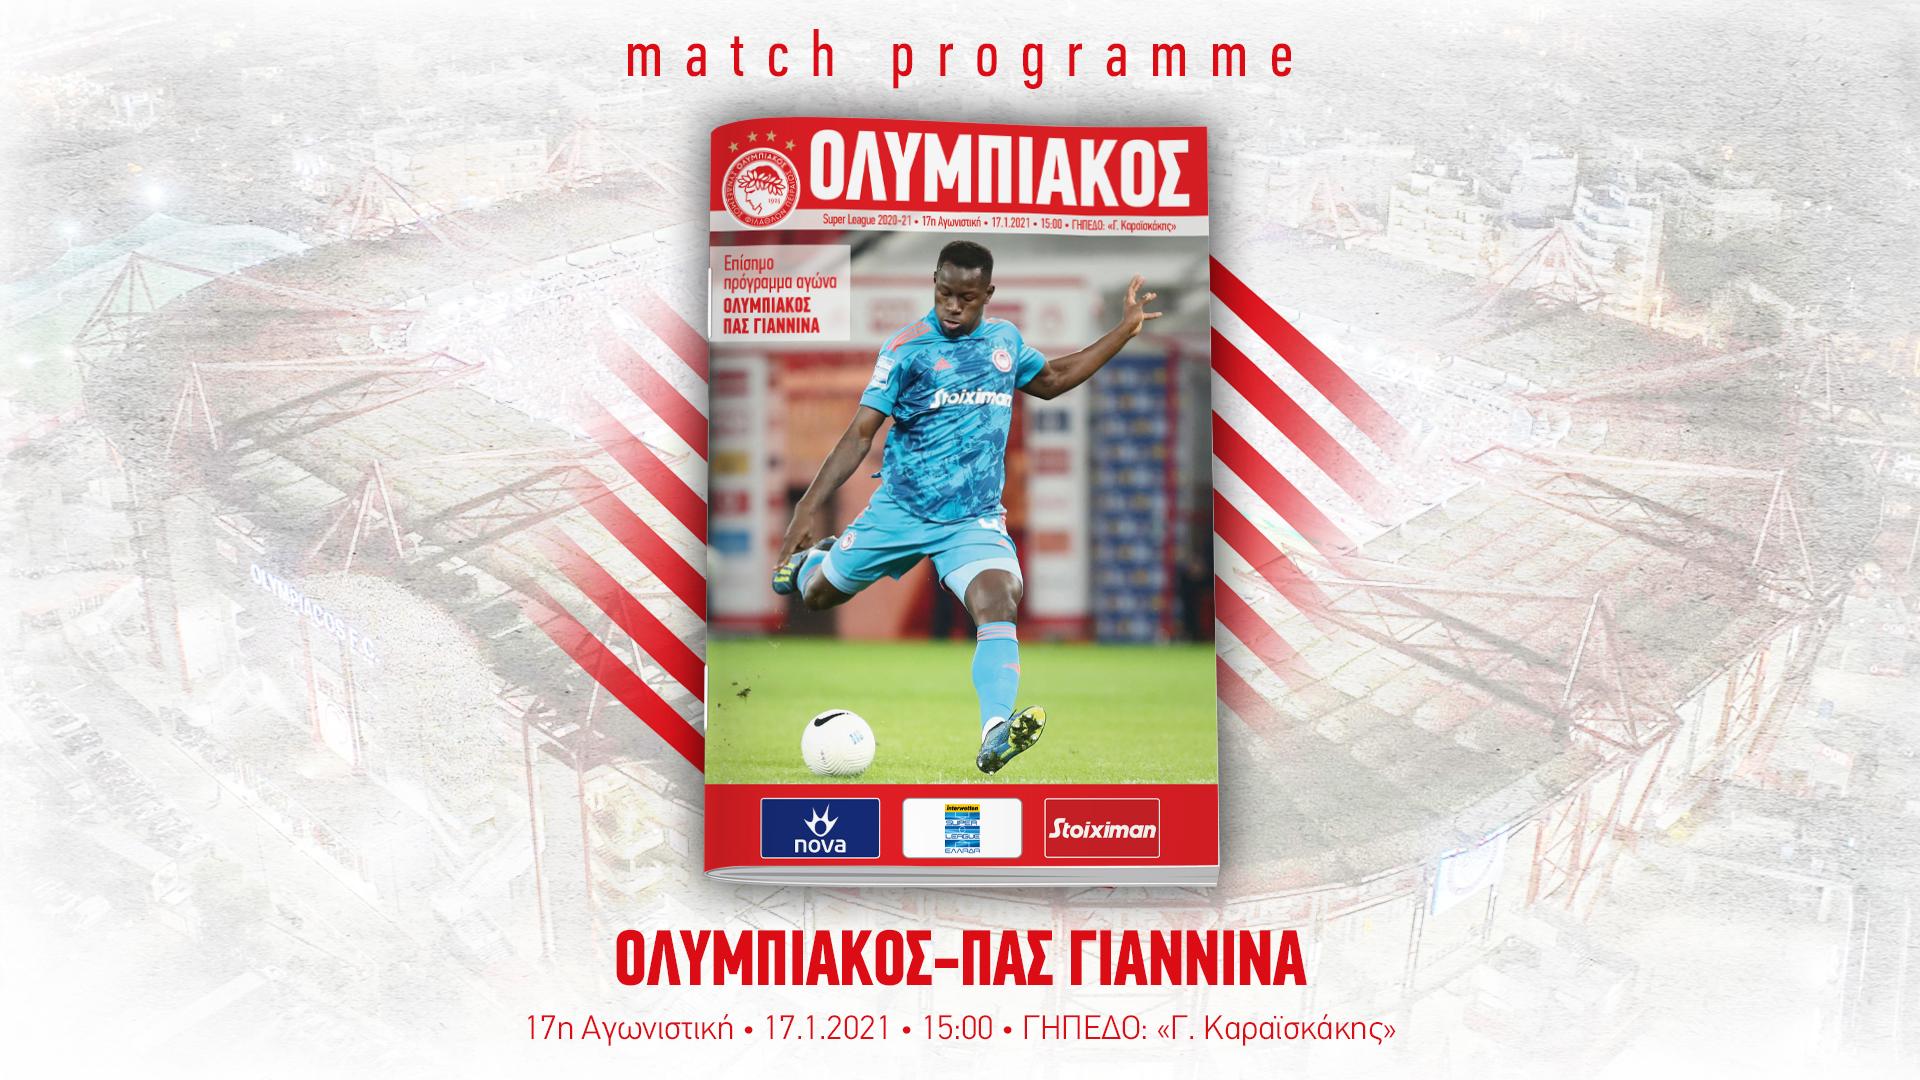 Το Match Programme του αγώνα Ολυμπιακός-ΠΑΣ Γιάννινα